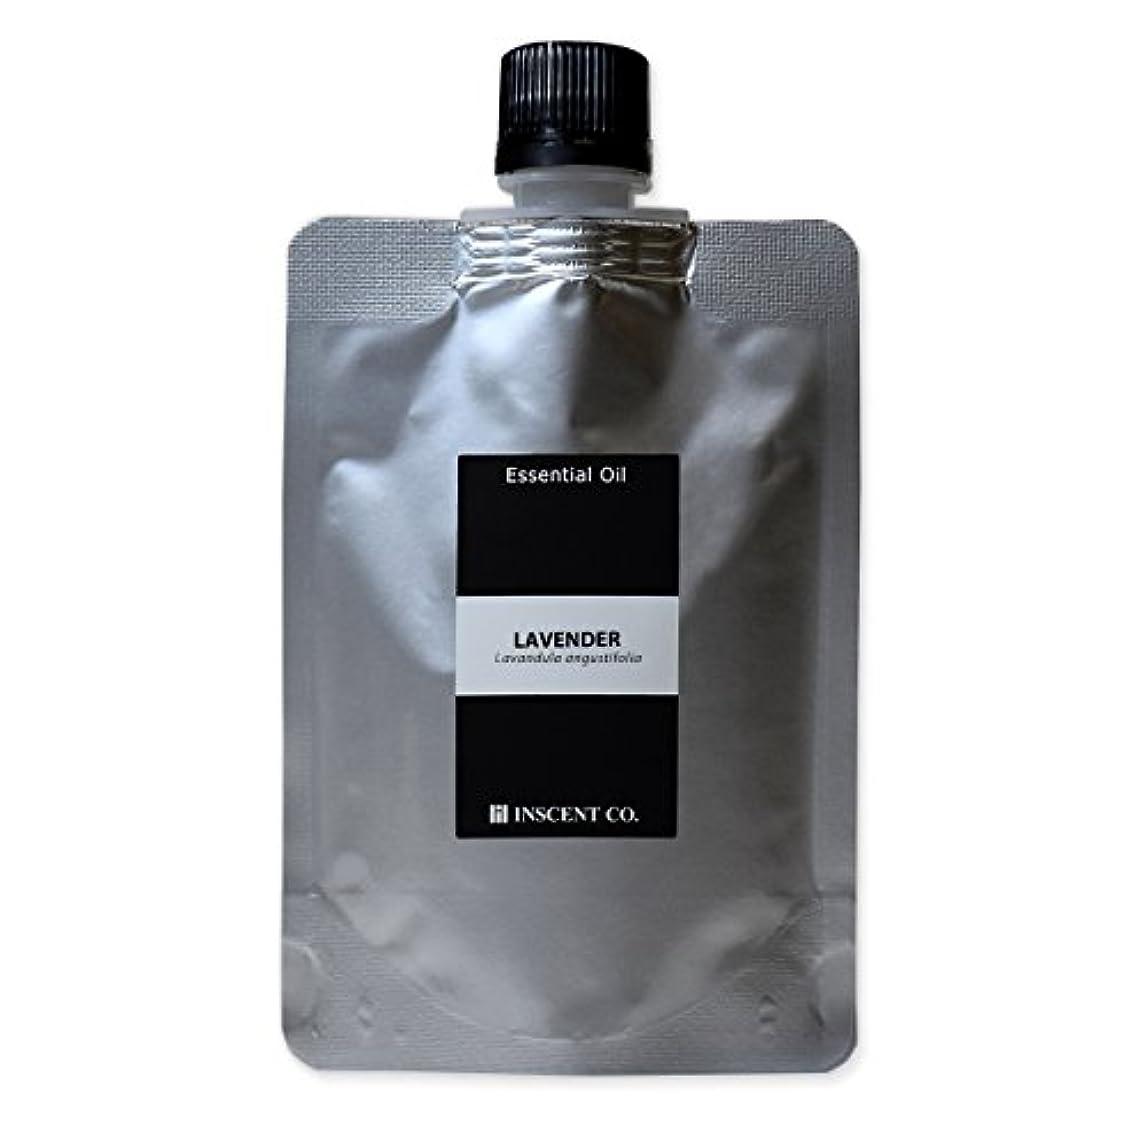 製油所写真を描く才能(詰替用 アルミパック) 真正ラベンダー 50ml インセント アロマオイル AEAJ 表示基準適合認定精油